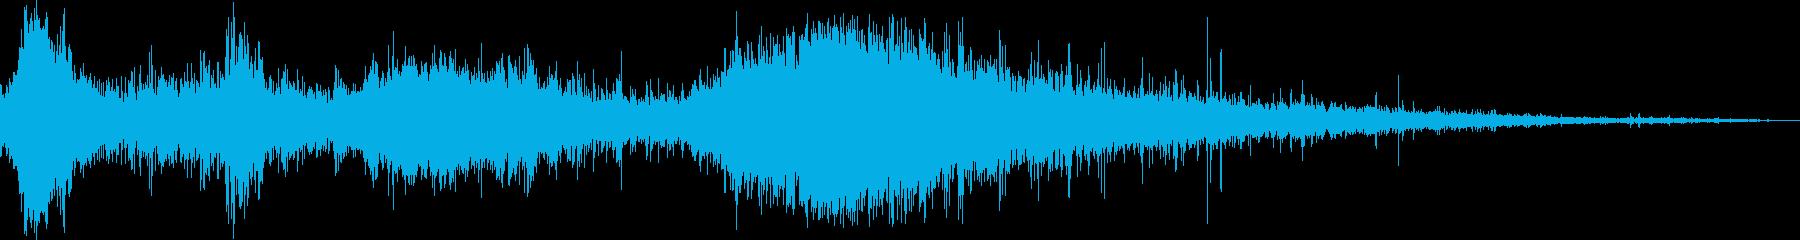 水に飛び込んだ 飛び込む時の効果音!3bの再生済みの波形